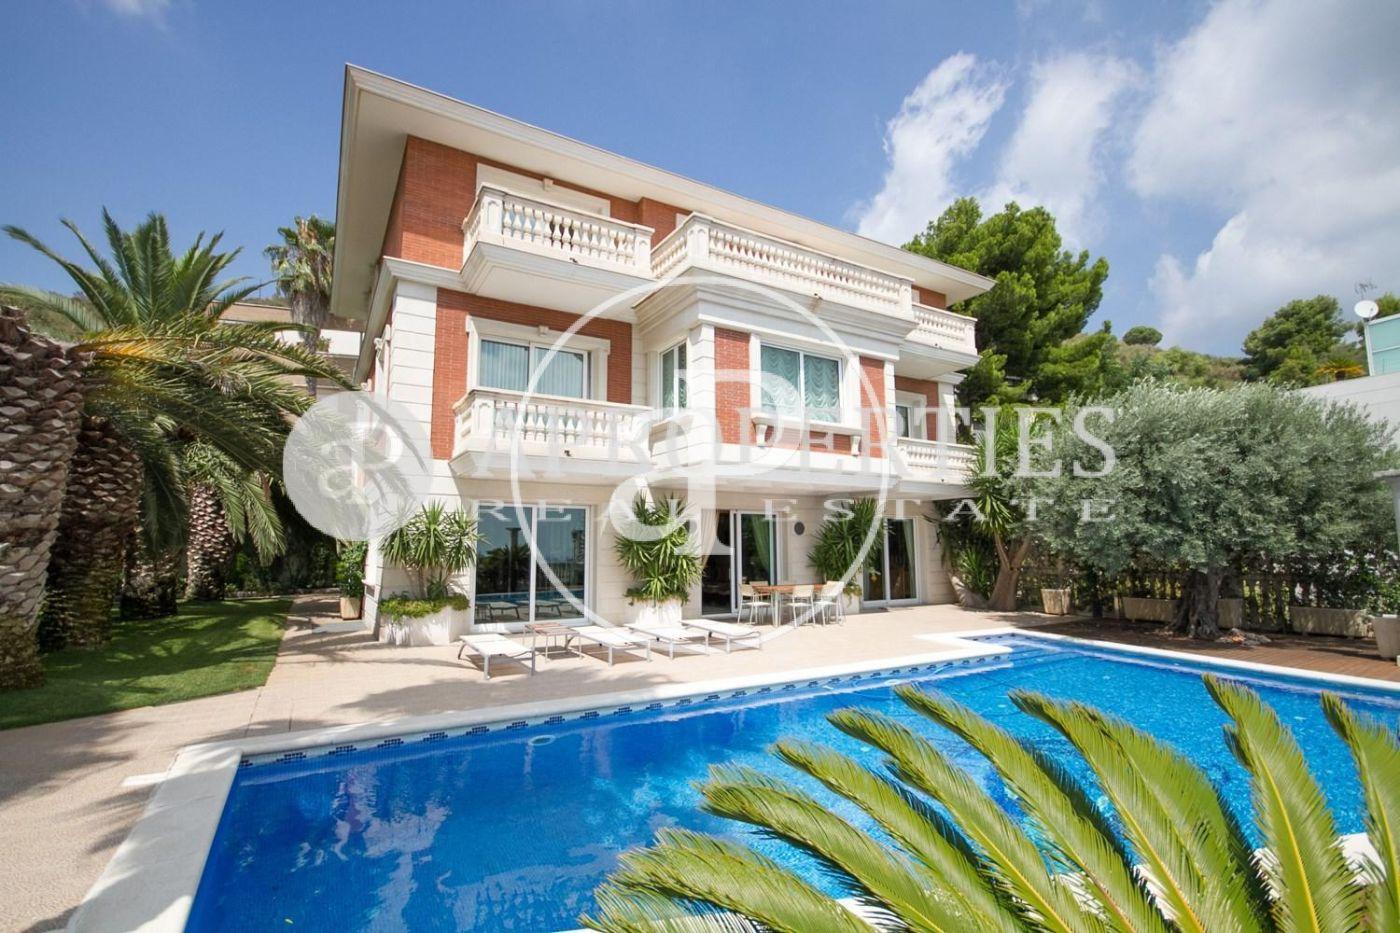 magnifique maison vendre peldralbes avec vue sur barcelone. Black Bedroom Furniture Sets. Home Design Ideas